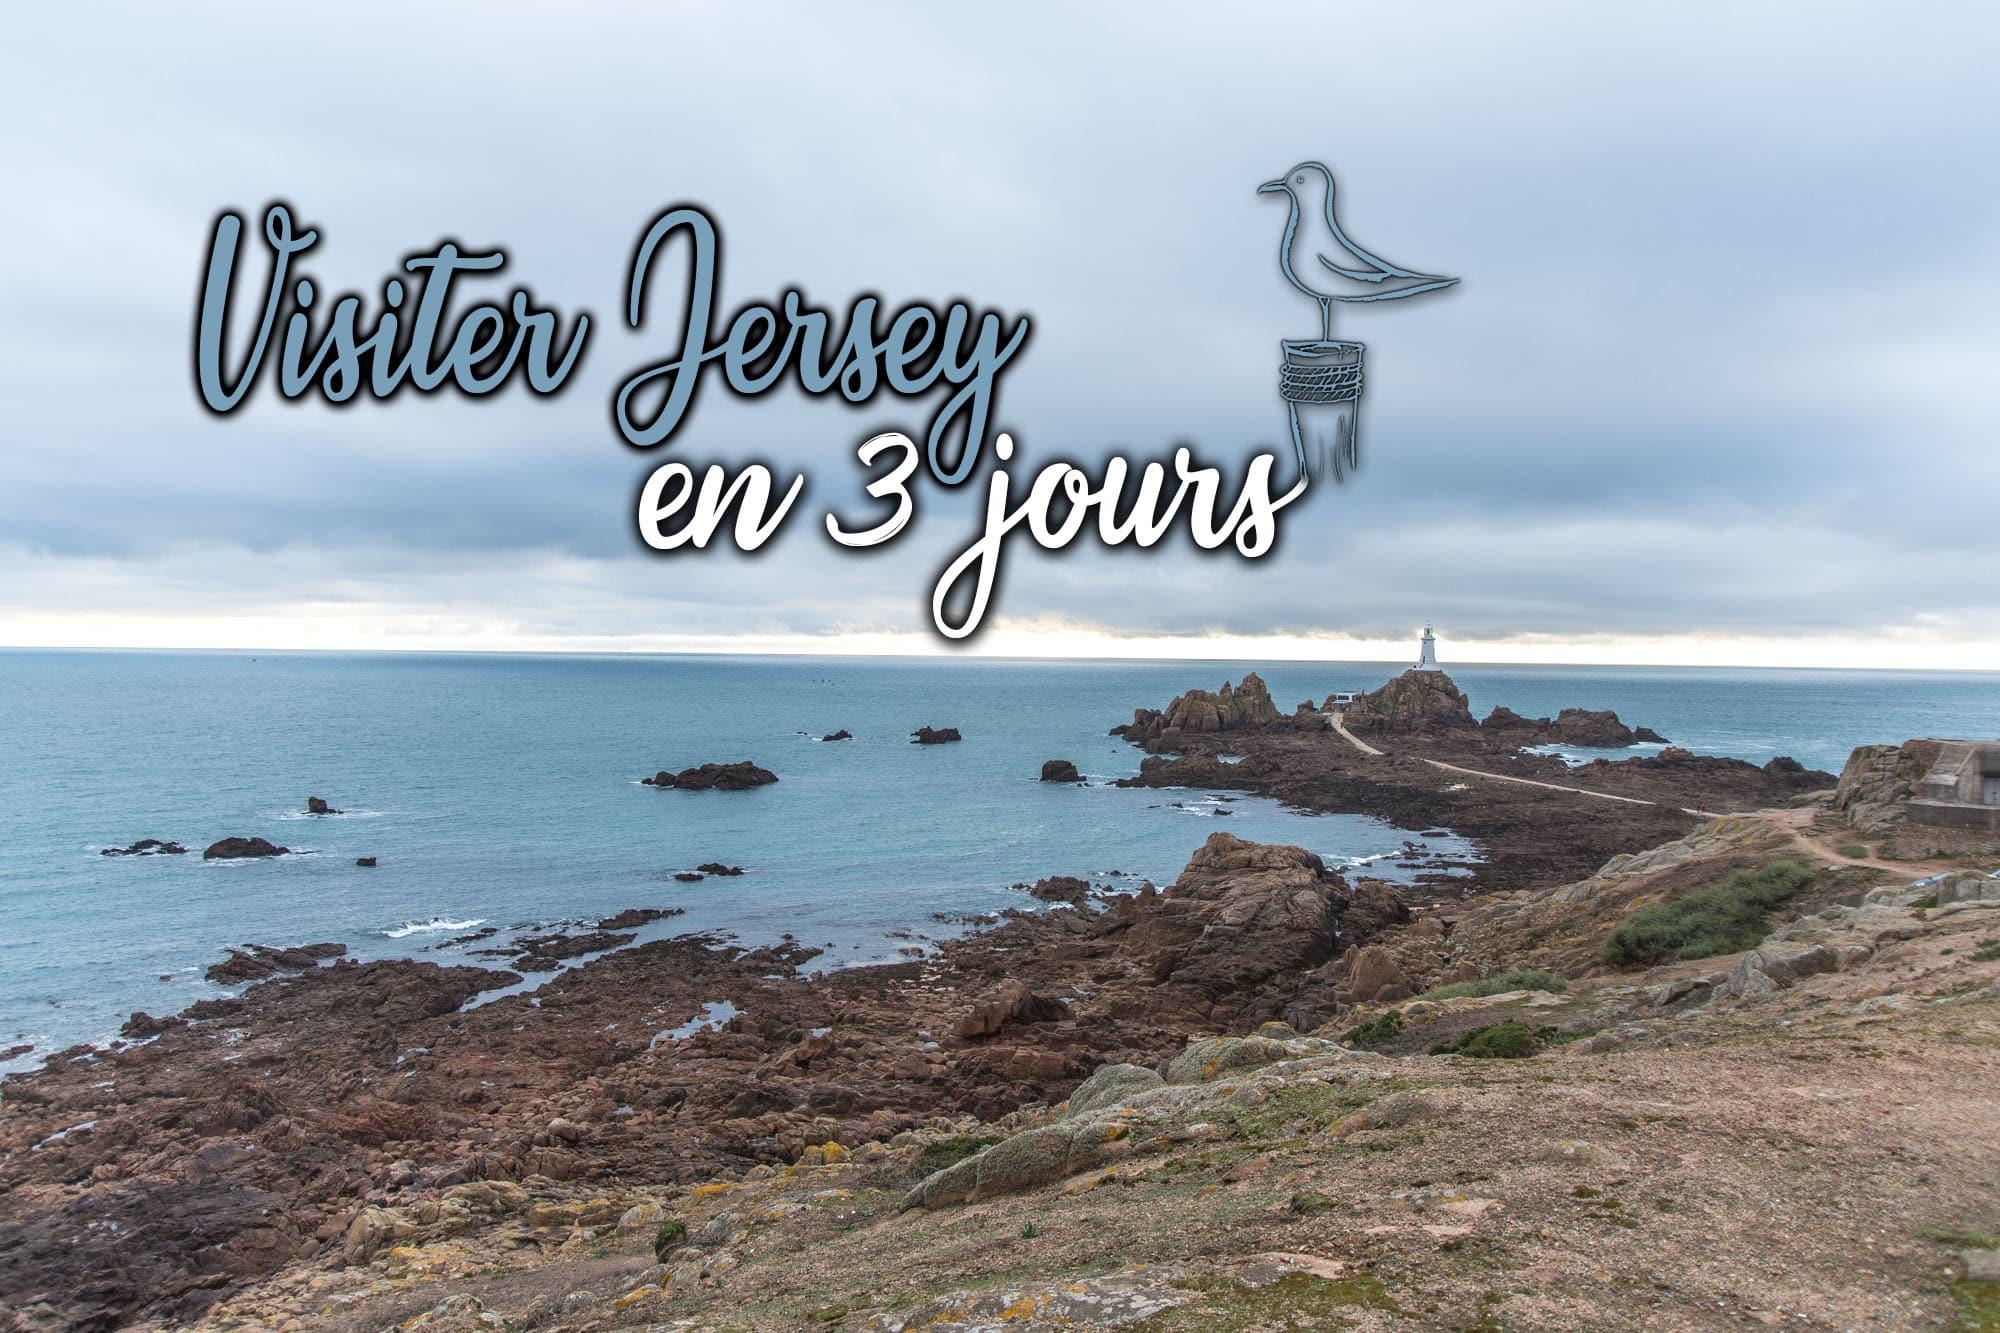 Visiter Jersey en 3 jours